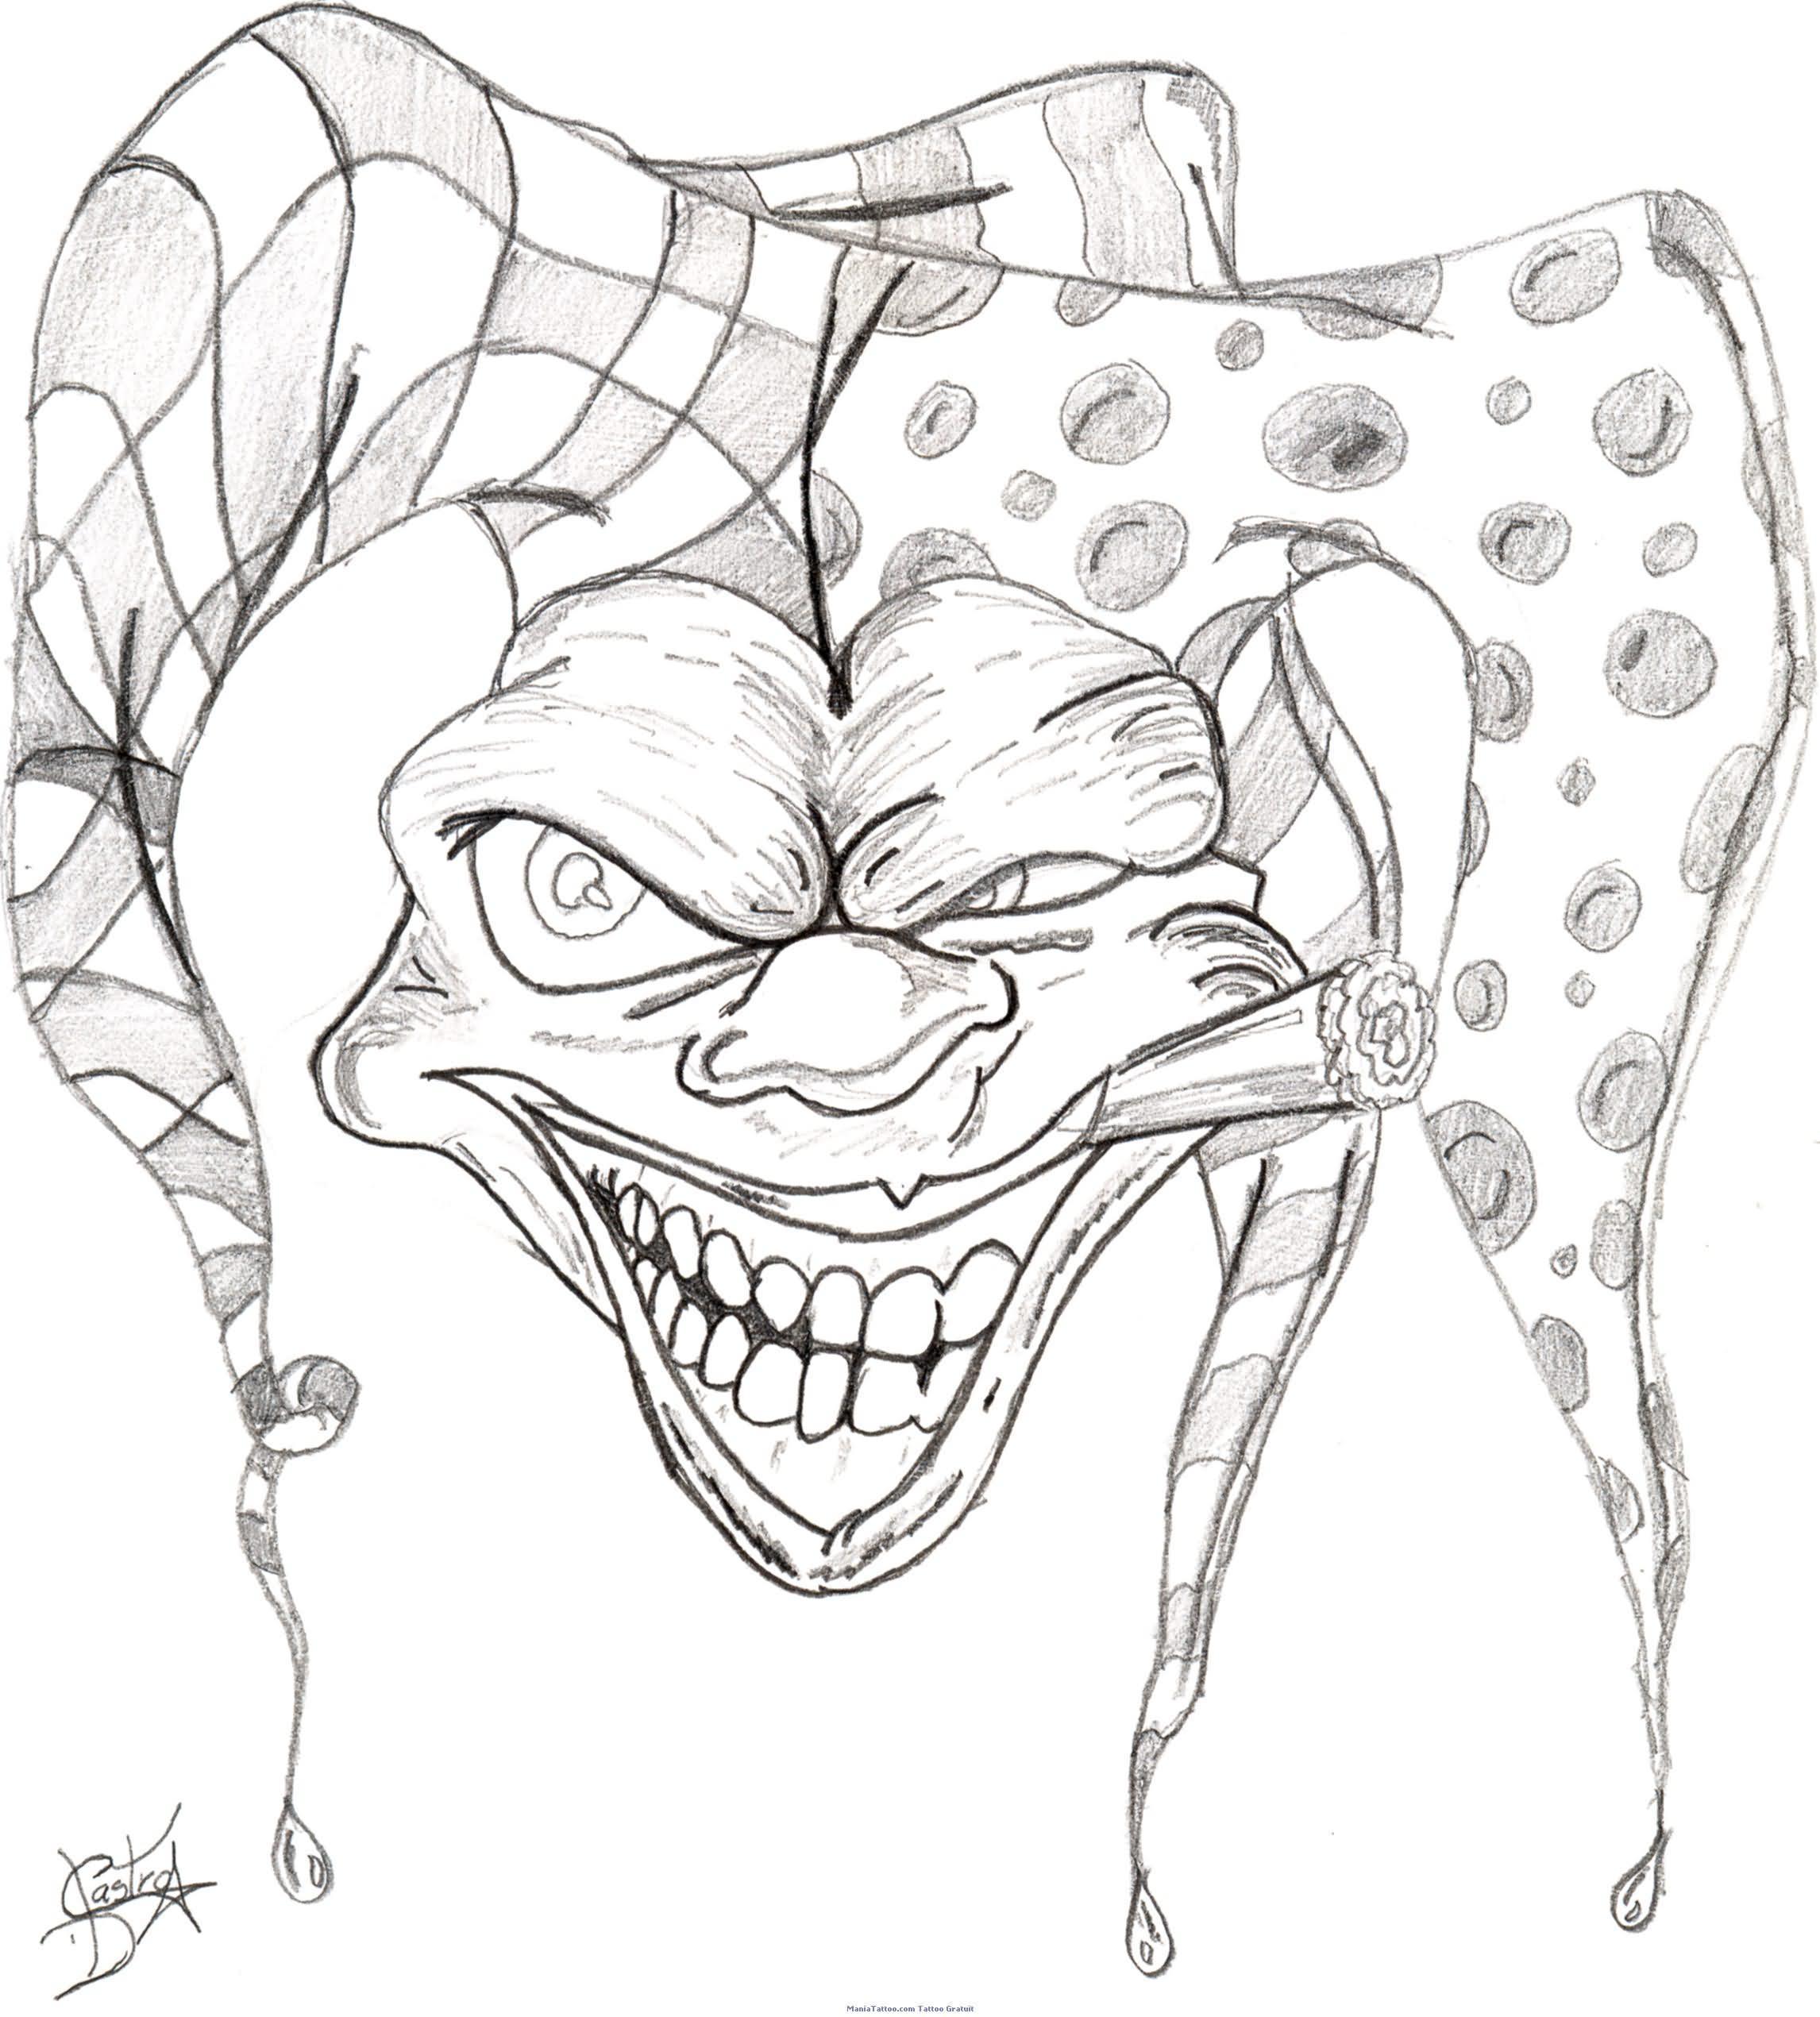 2292x2540 Drawing Gangsta Designs Gangster Tattoo Art Related Gangsta